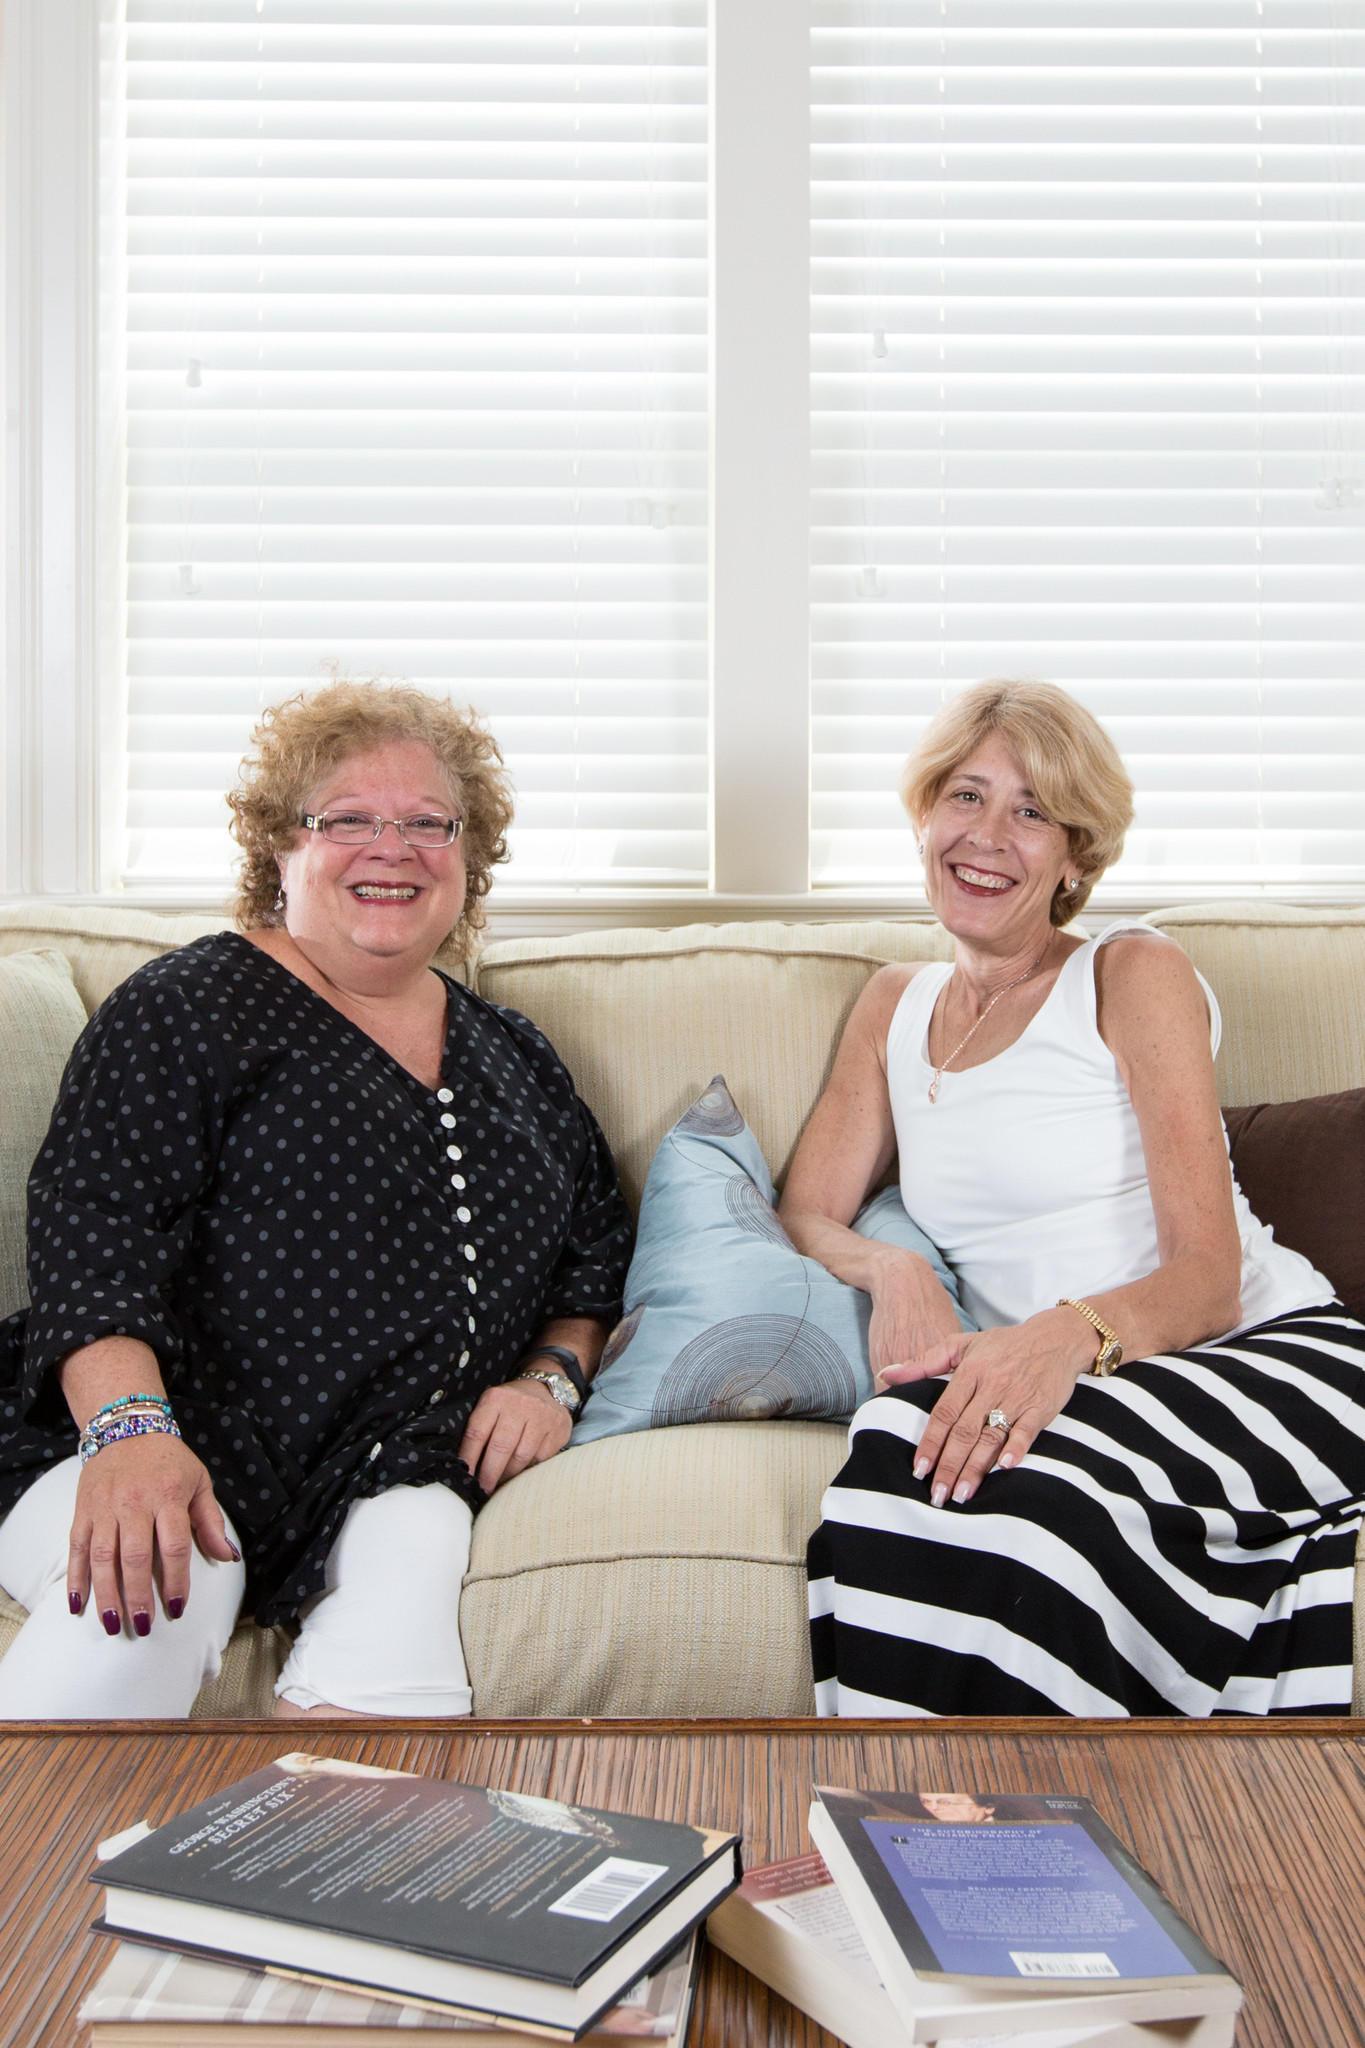 Joanie Reisfeld, left, founder of the nonprofit Better BedRest, with founding board member Cheryl Rozanski.